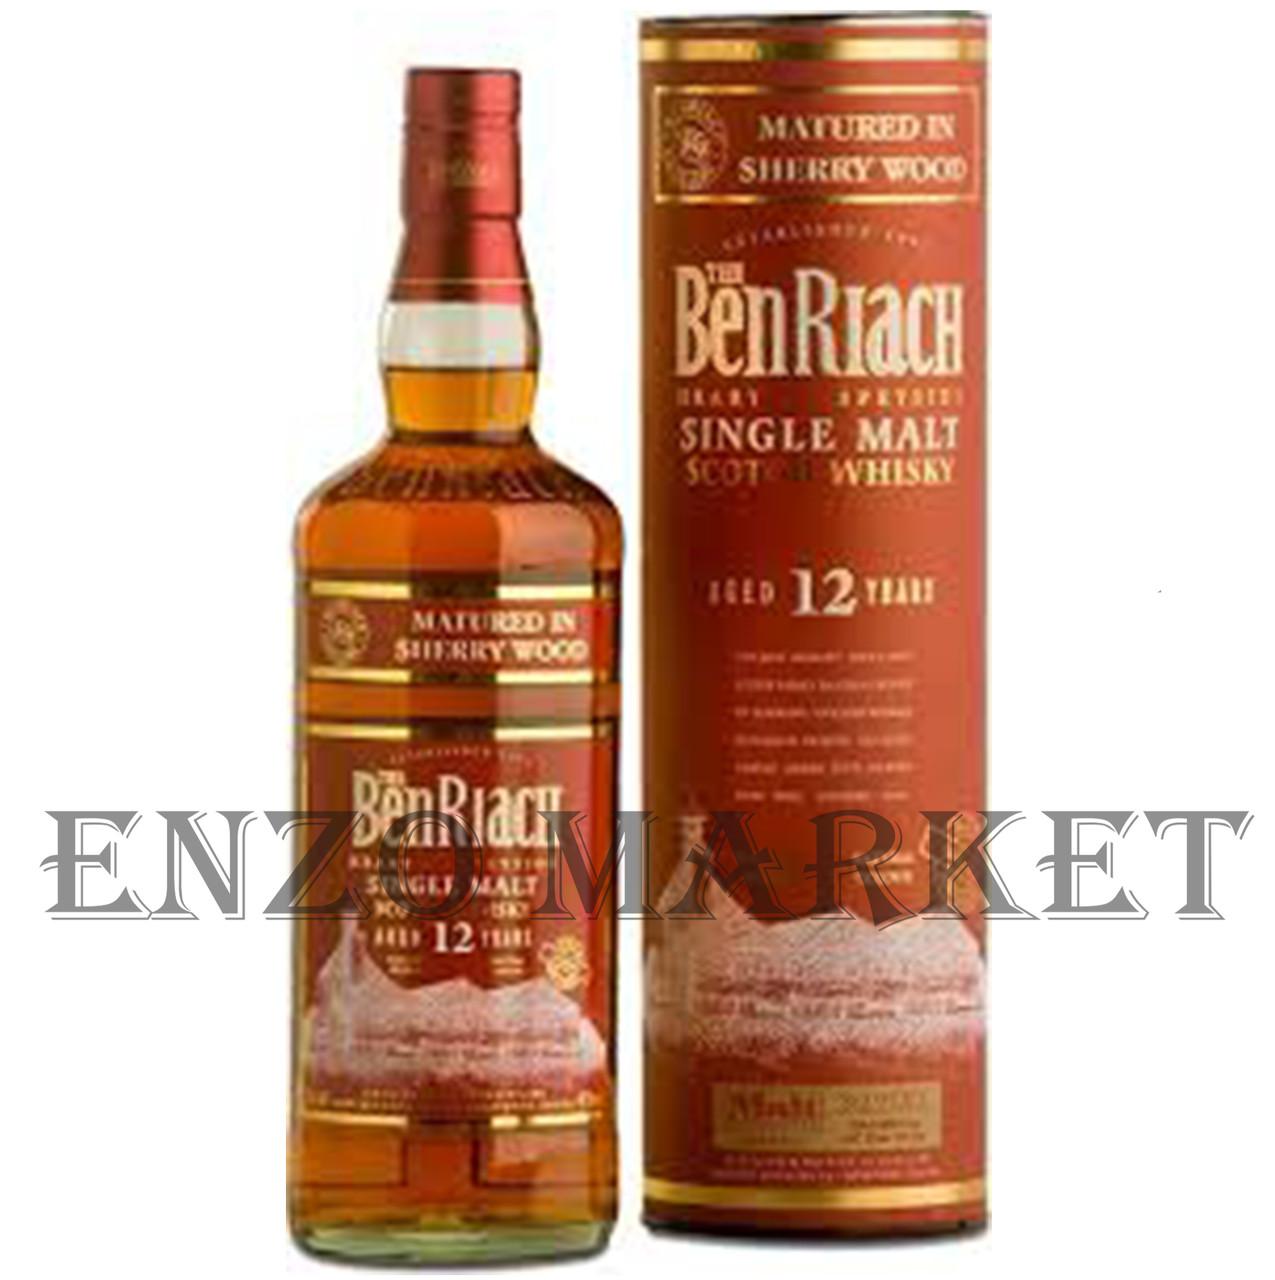 Виски Benriach 12 y.o. Sherry Wood (Бенриах 12 лет Шерри Вуд) 46%, 0,7 литра